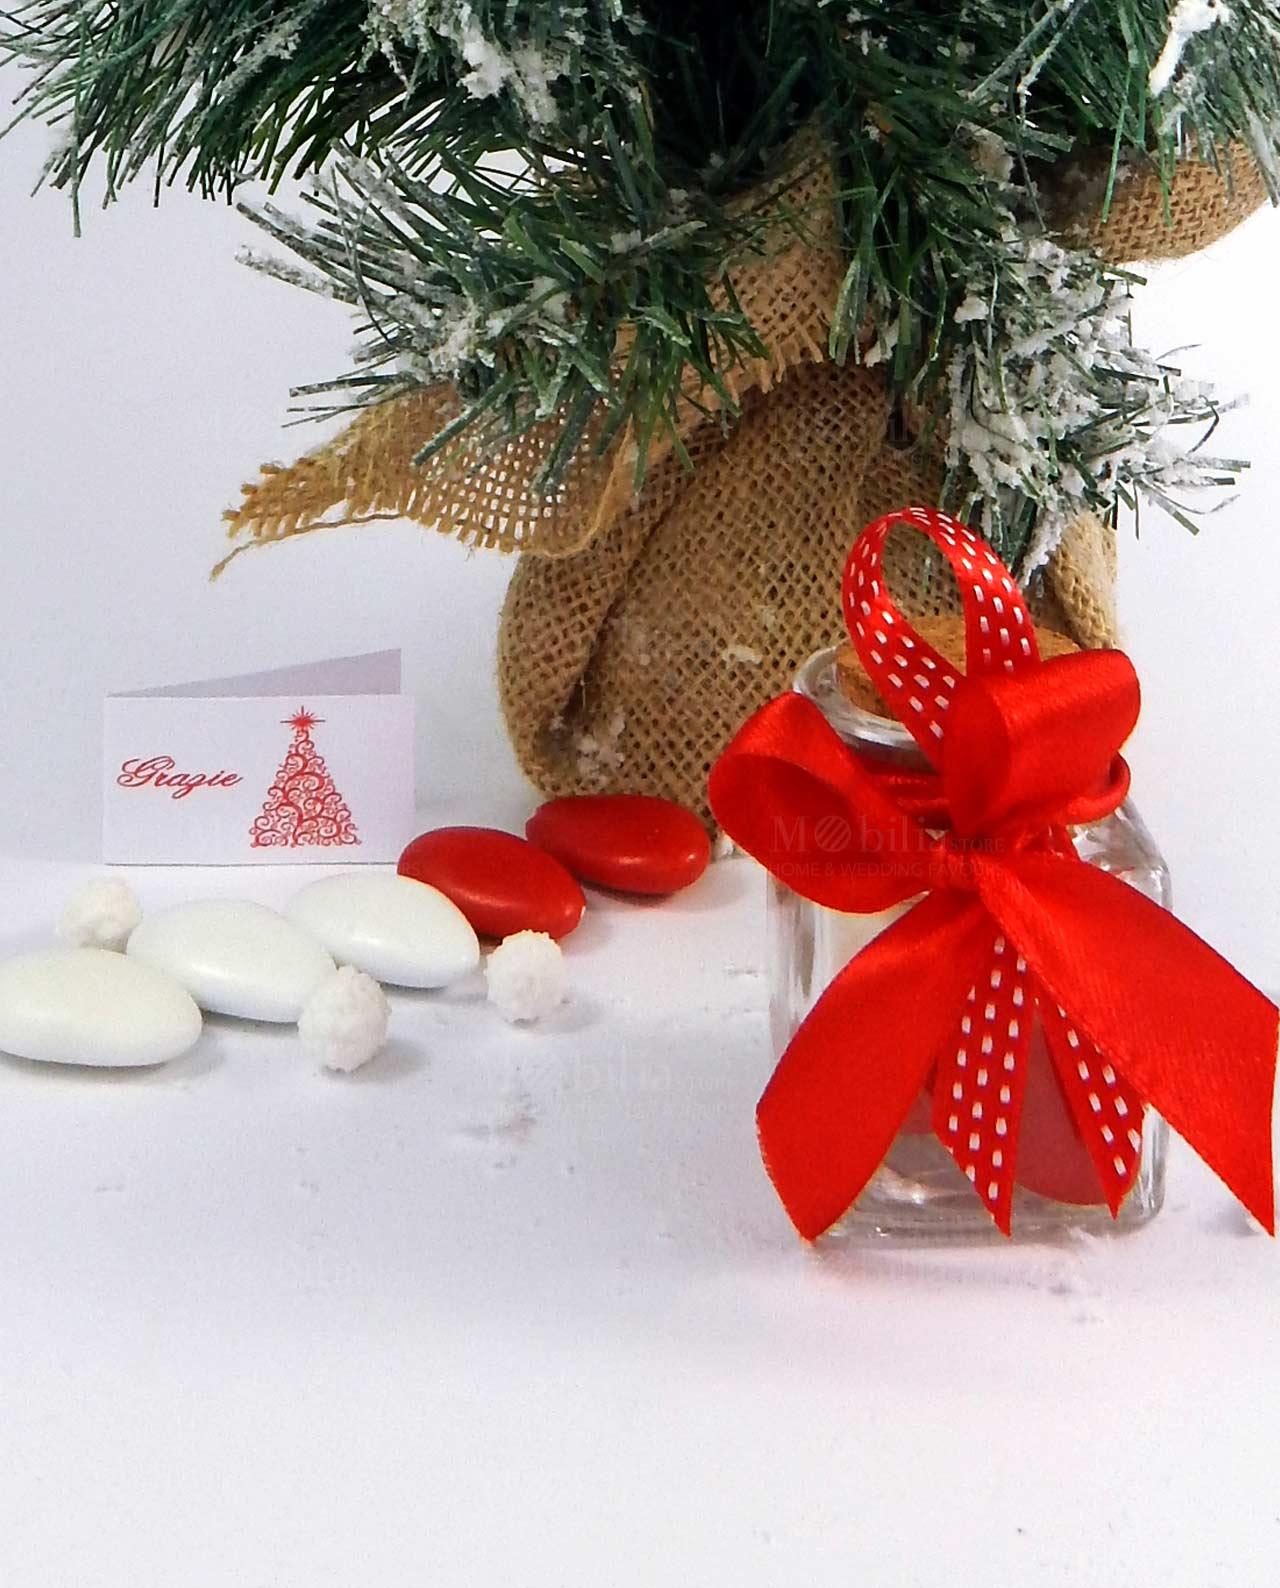 Bomboniere Matrimonio Tema Natalizio : Bomboniera barattolino confezionato natalizio mobilia store home